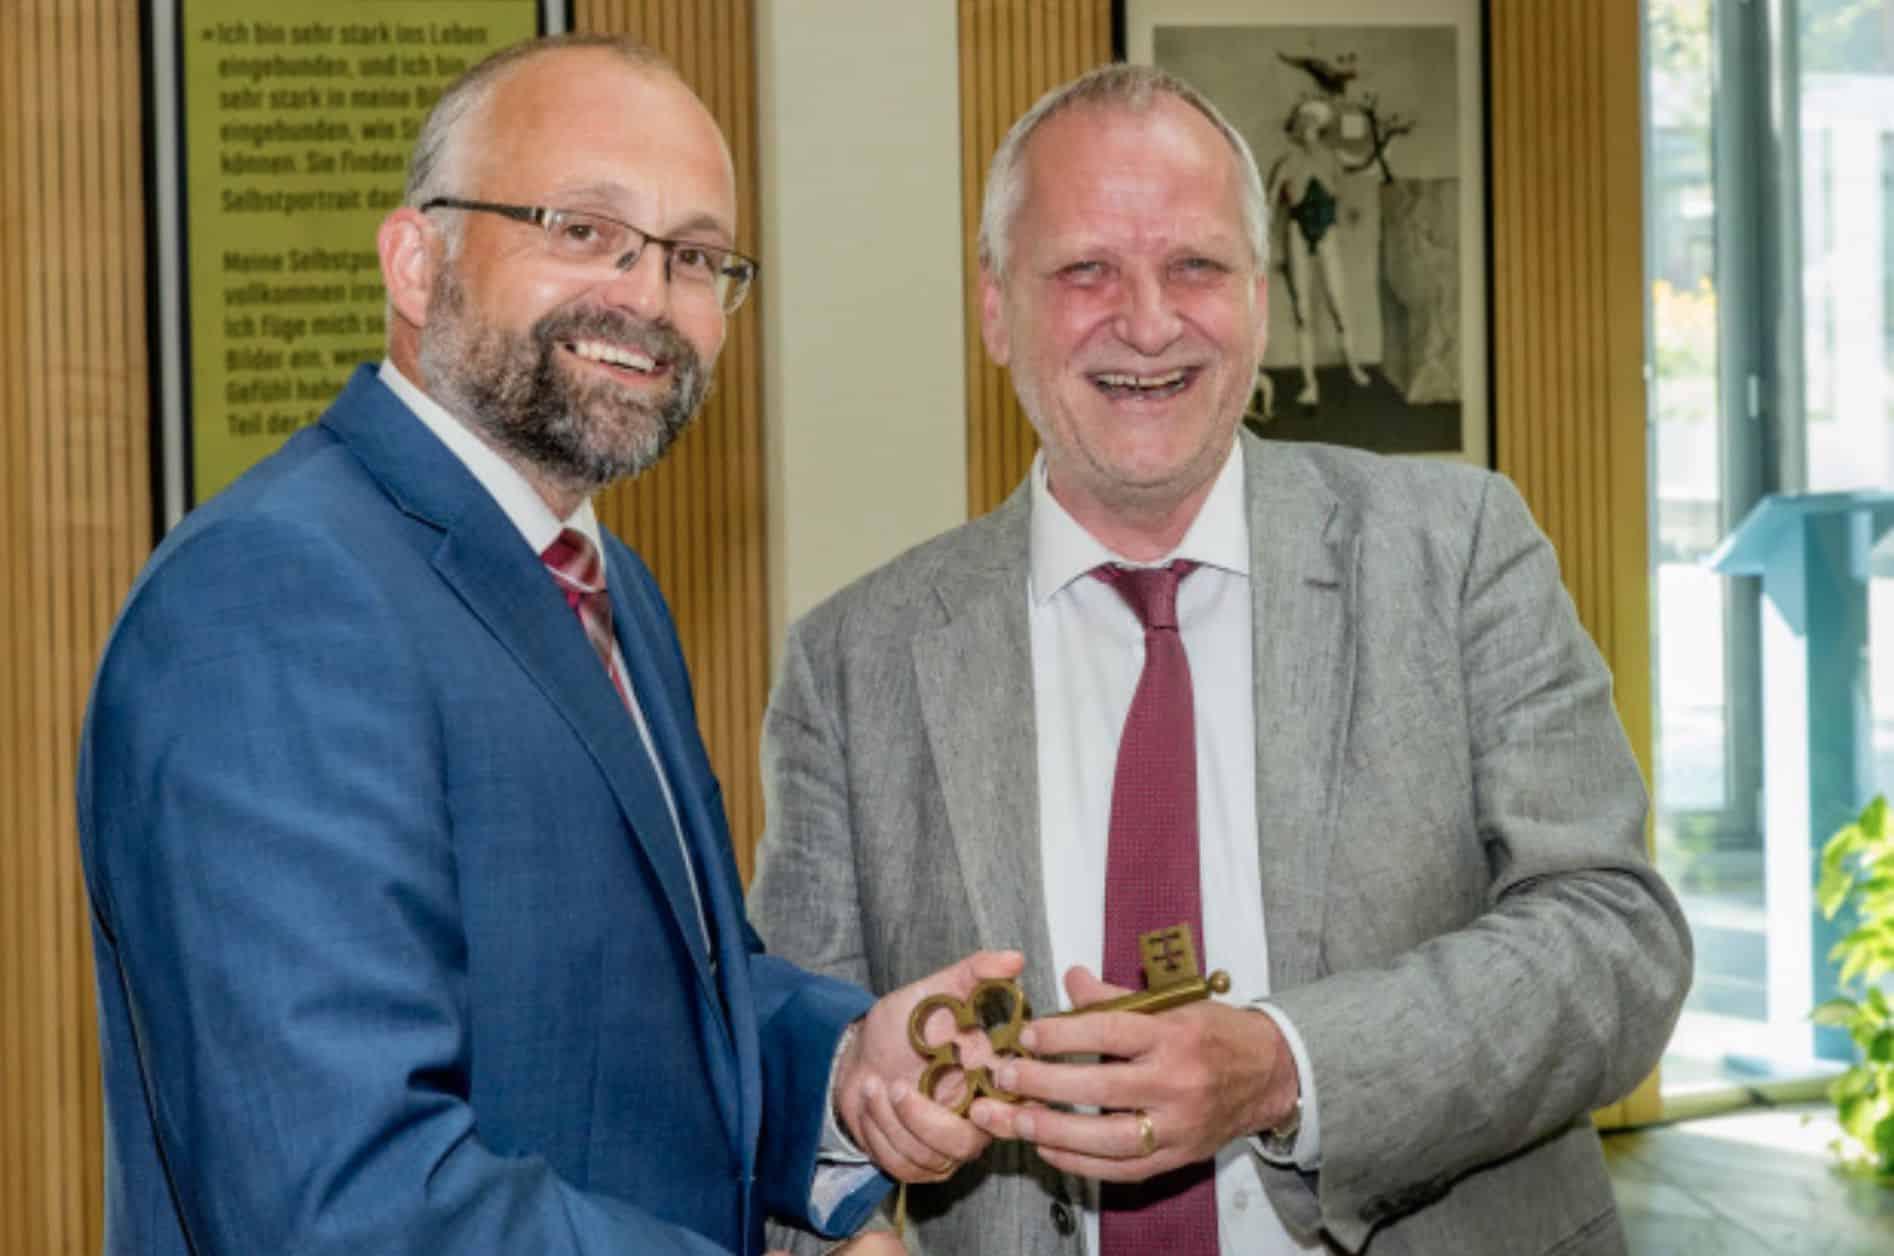 Daniel Kurth als neuer Barnimer Landrat vereidigt - Dienstantritt am ...